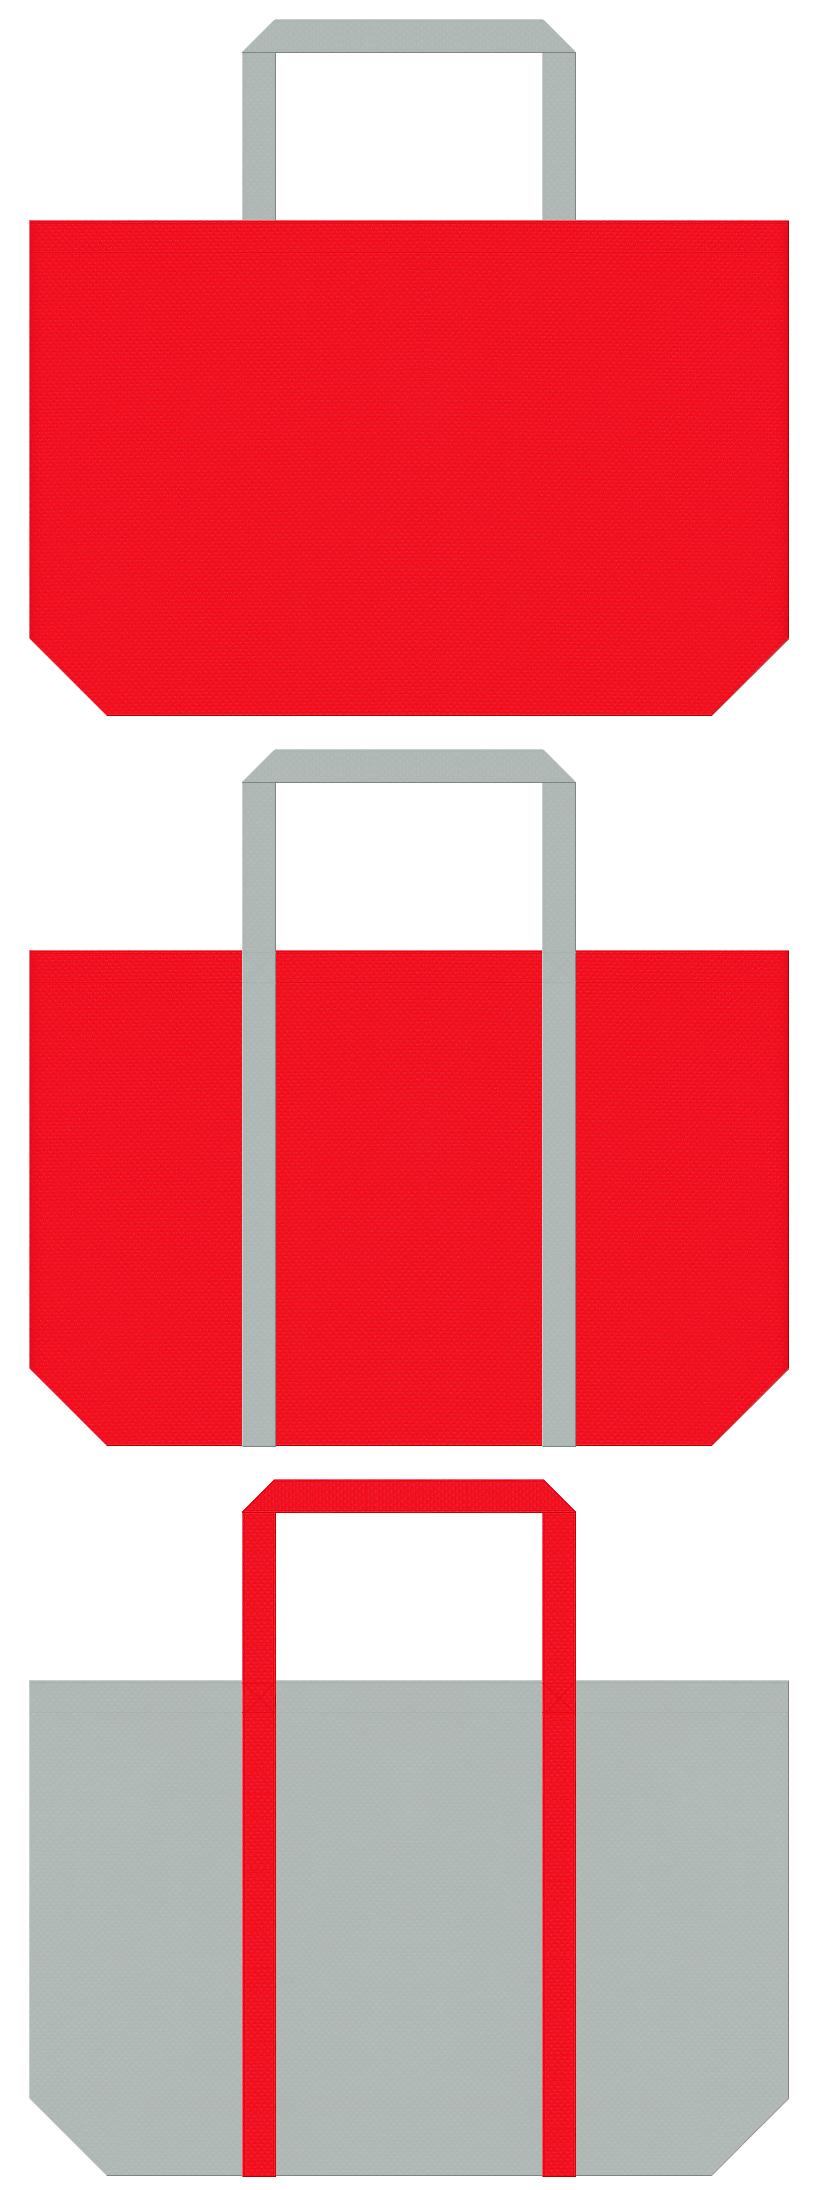 赤色とグレー色の不織布バッグデザイン。ロボット・ラジコン・プラモデル等のショッピングバッグにお奨めです。